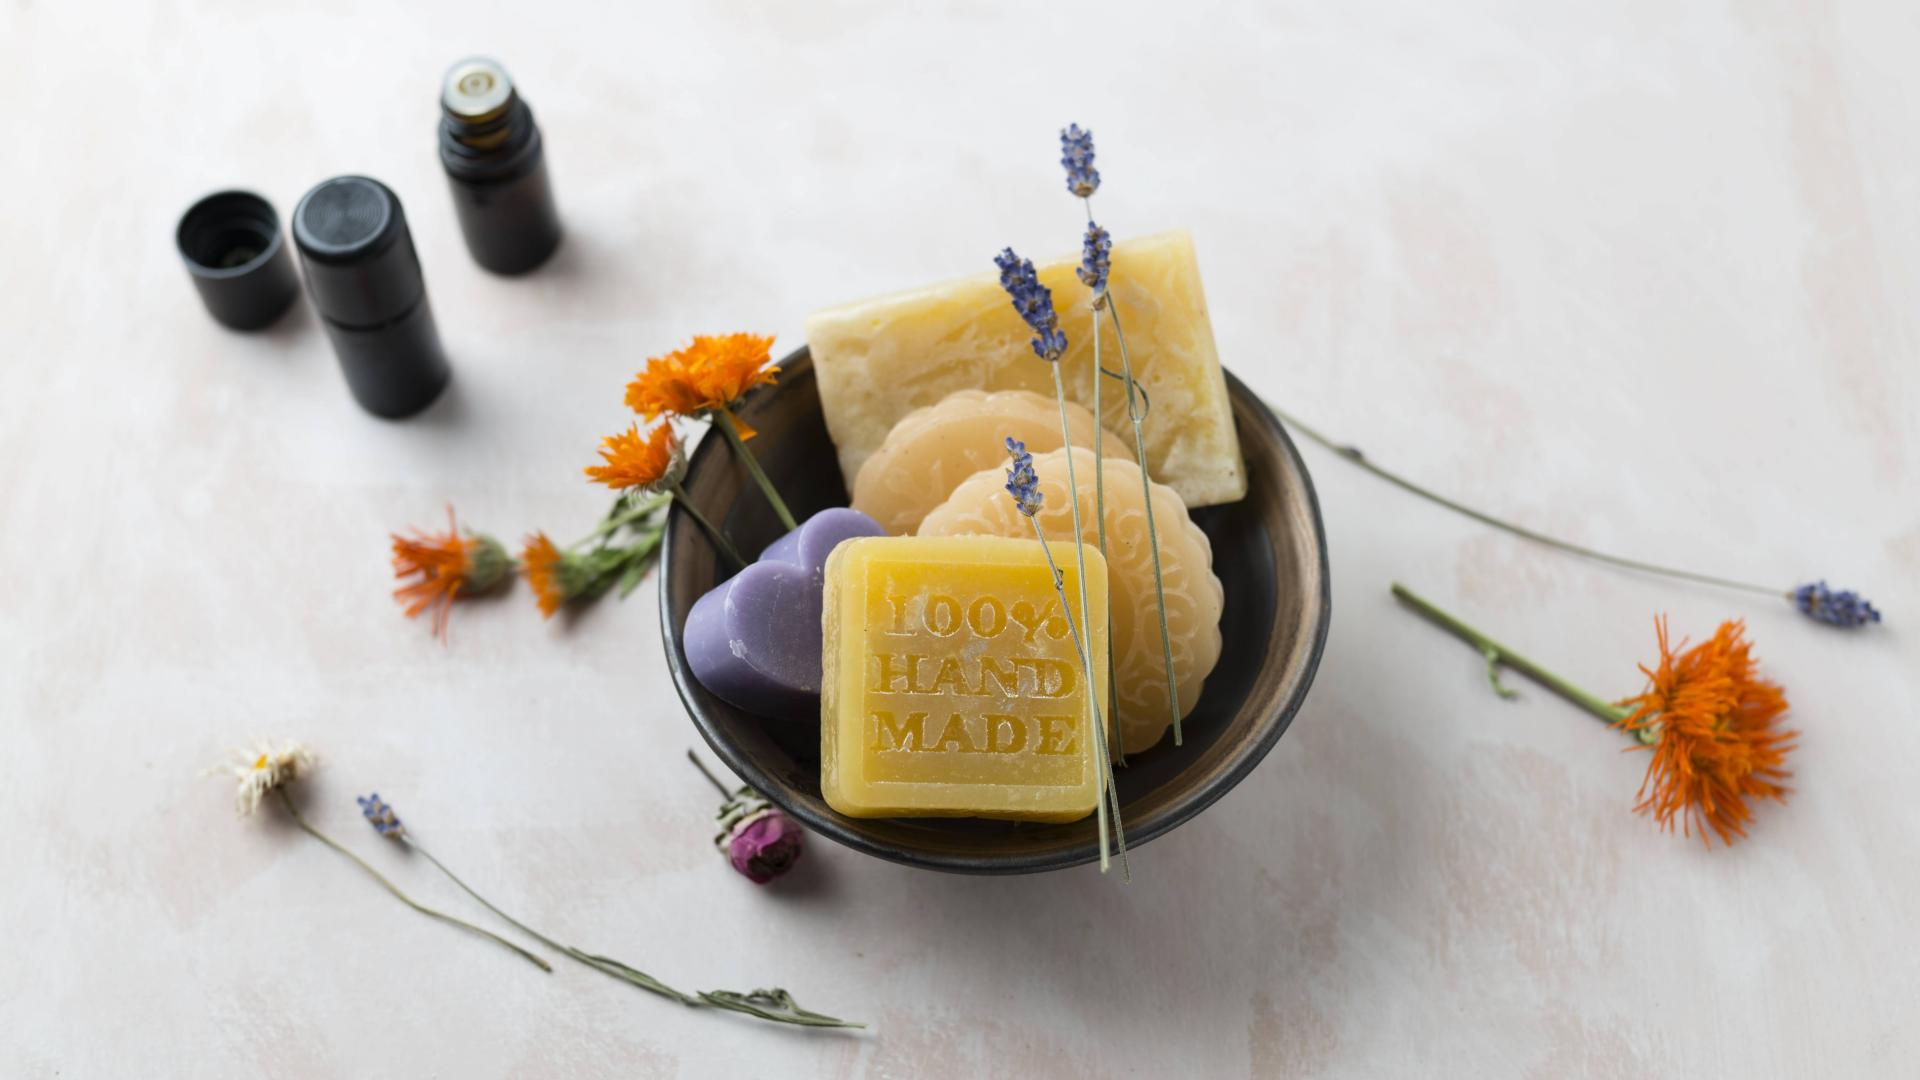 Seifen, Öle und Blumen schön drapiert